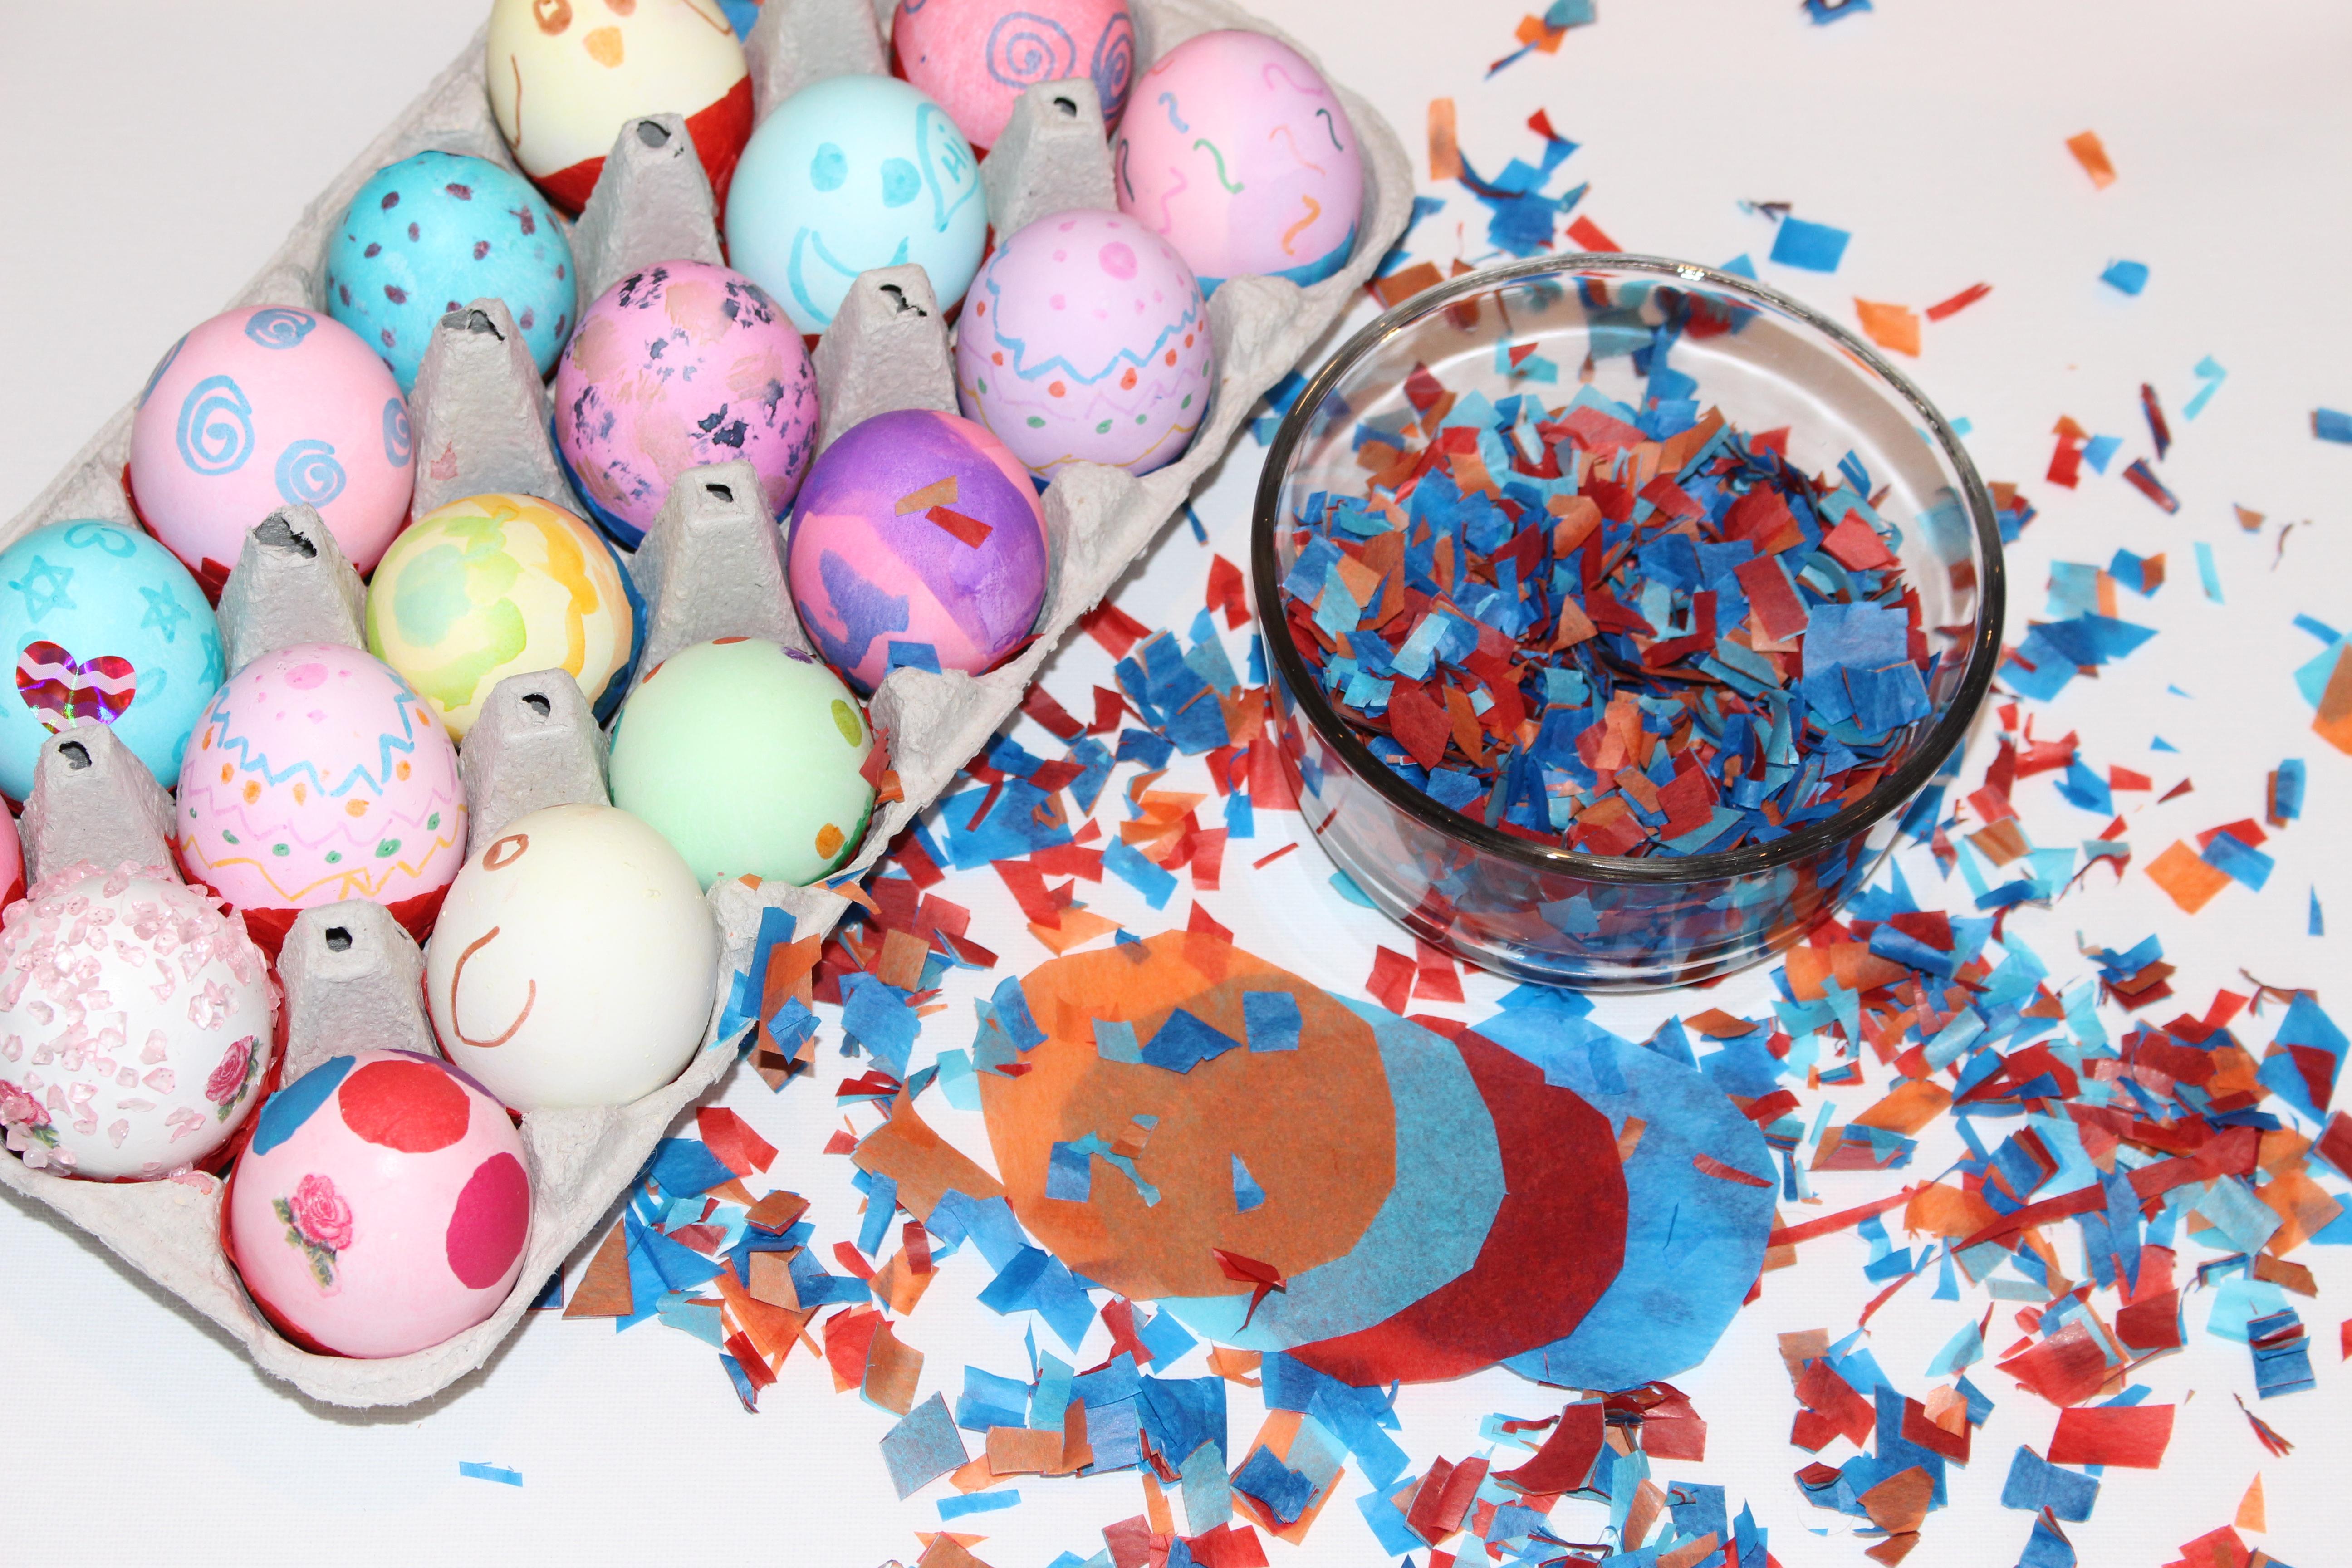 easter eggs_cascarones supplies 2